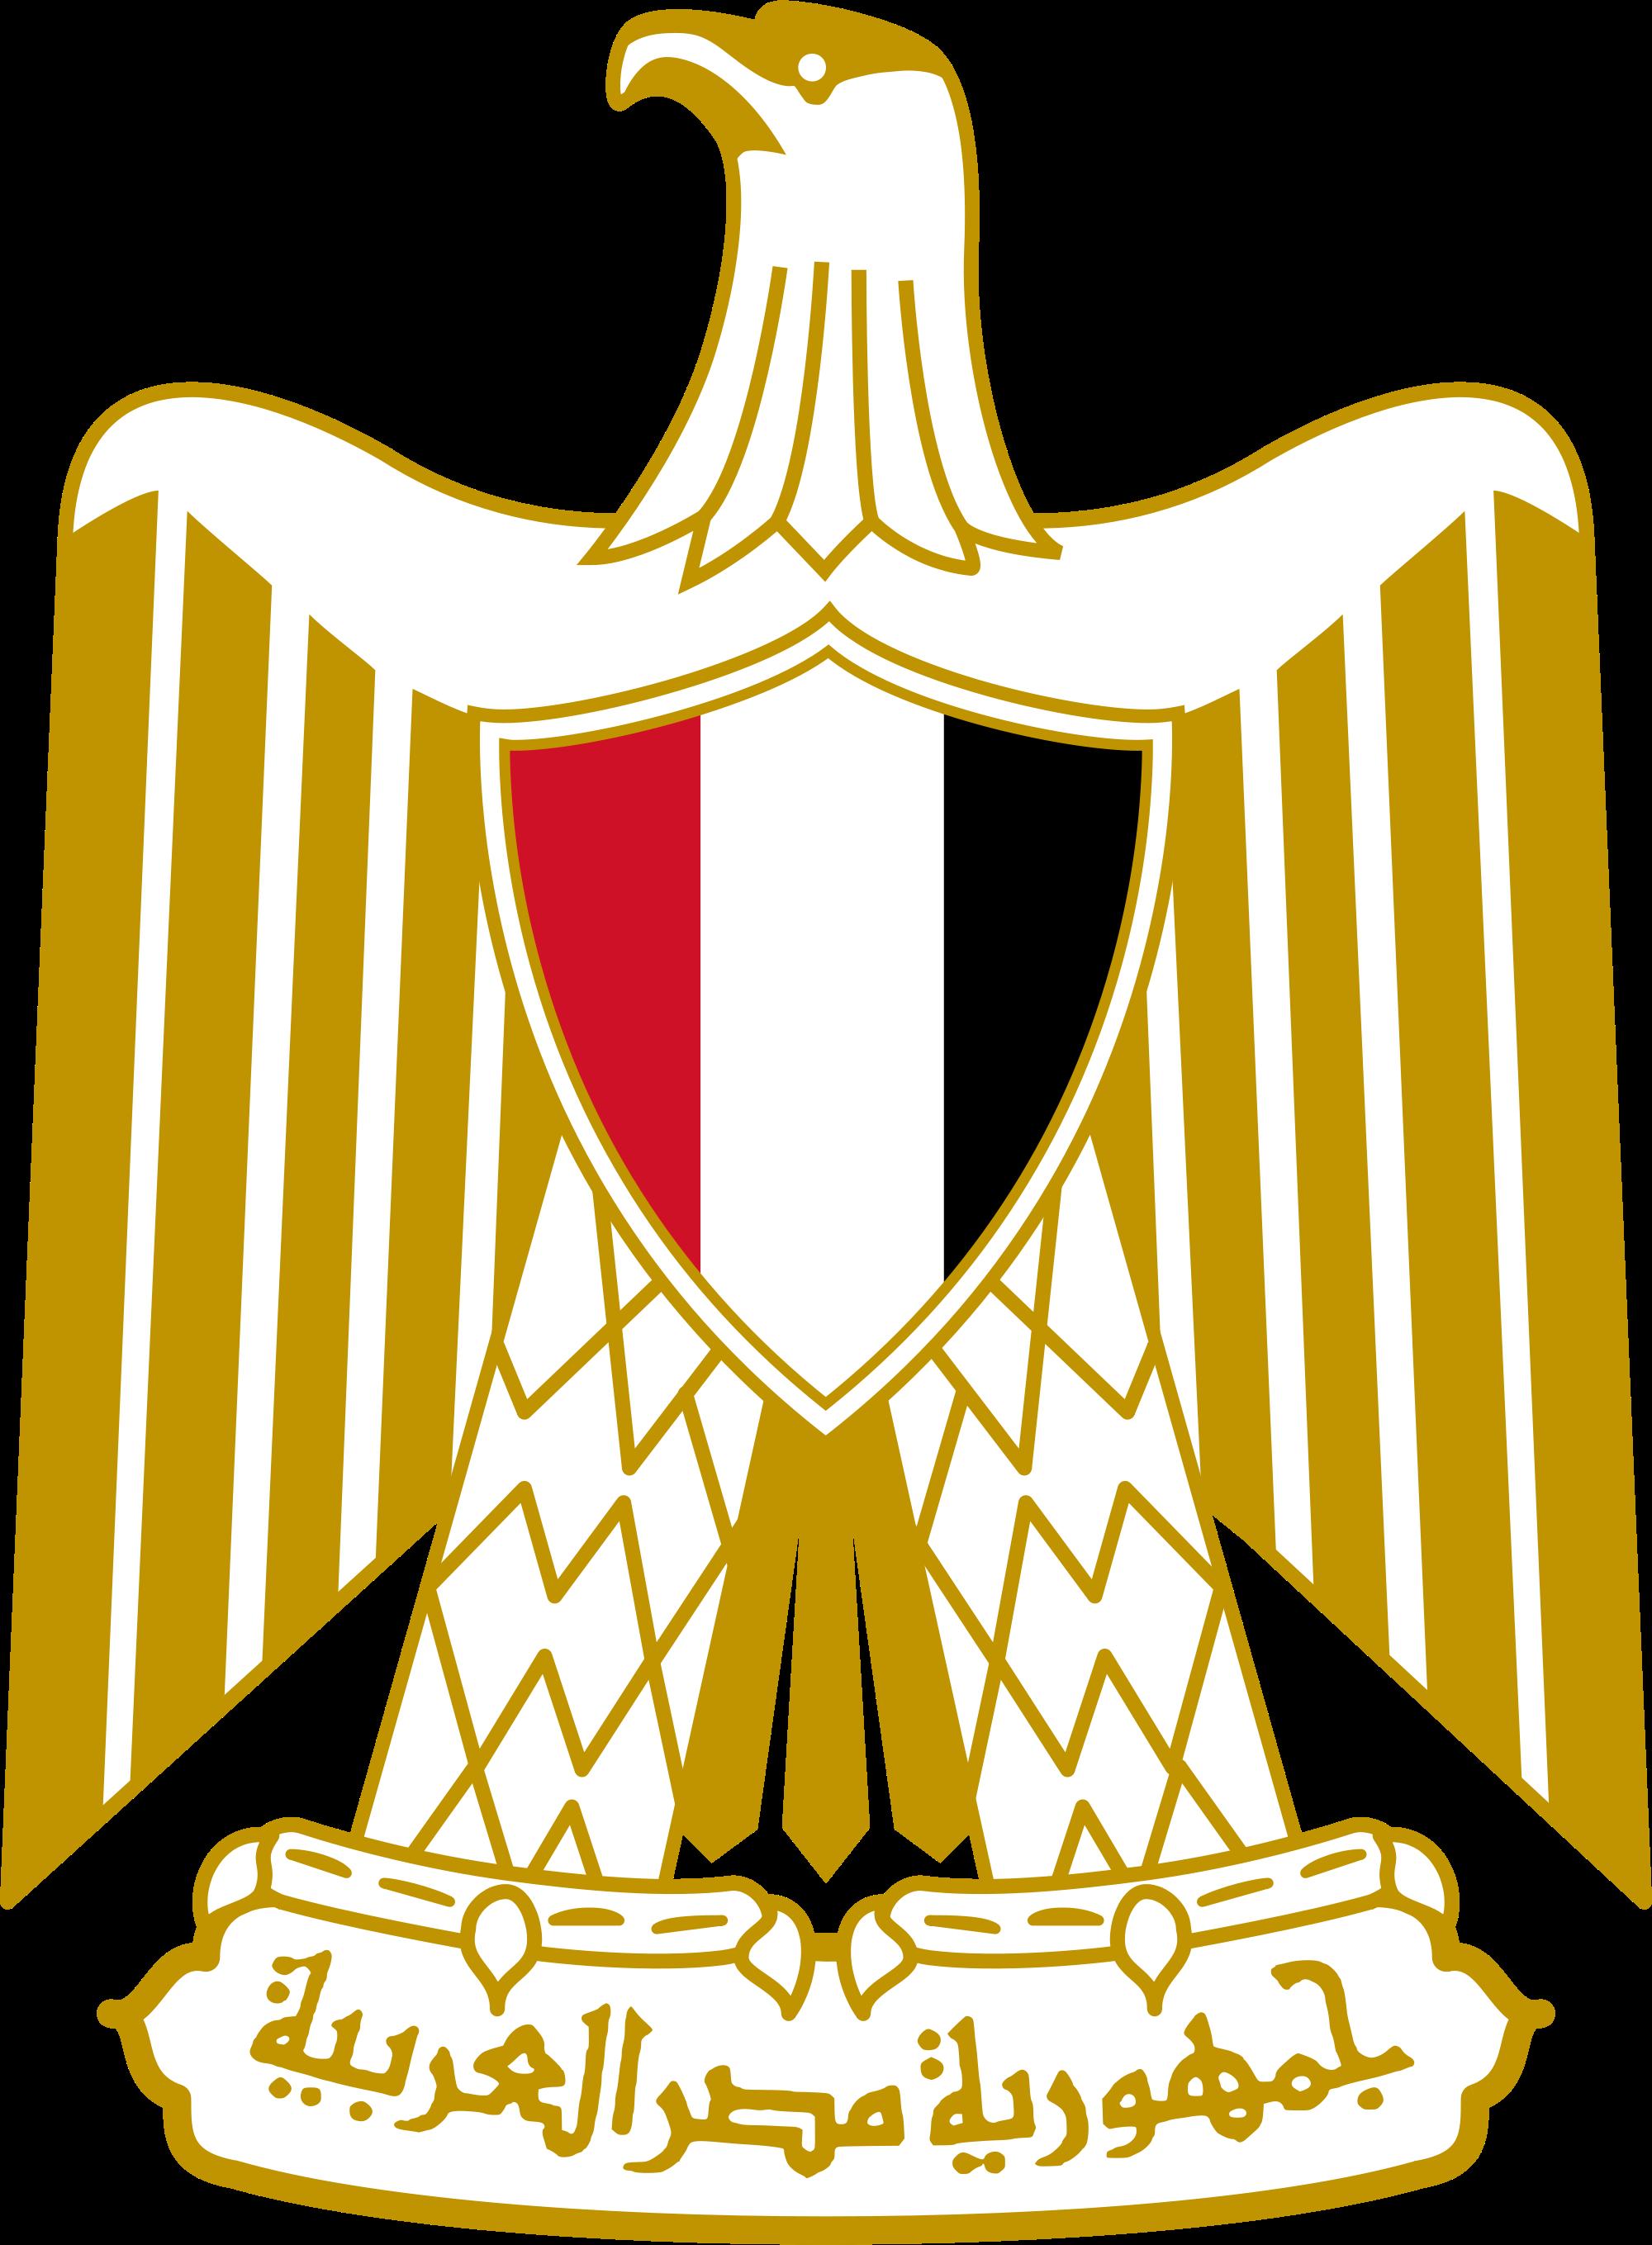 Σύμβολα καὶ οἰκόσημα...95 Αἴγυπτος